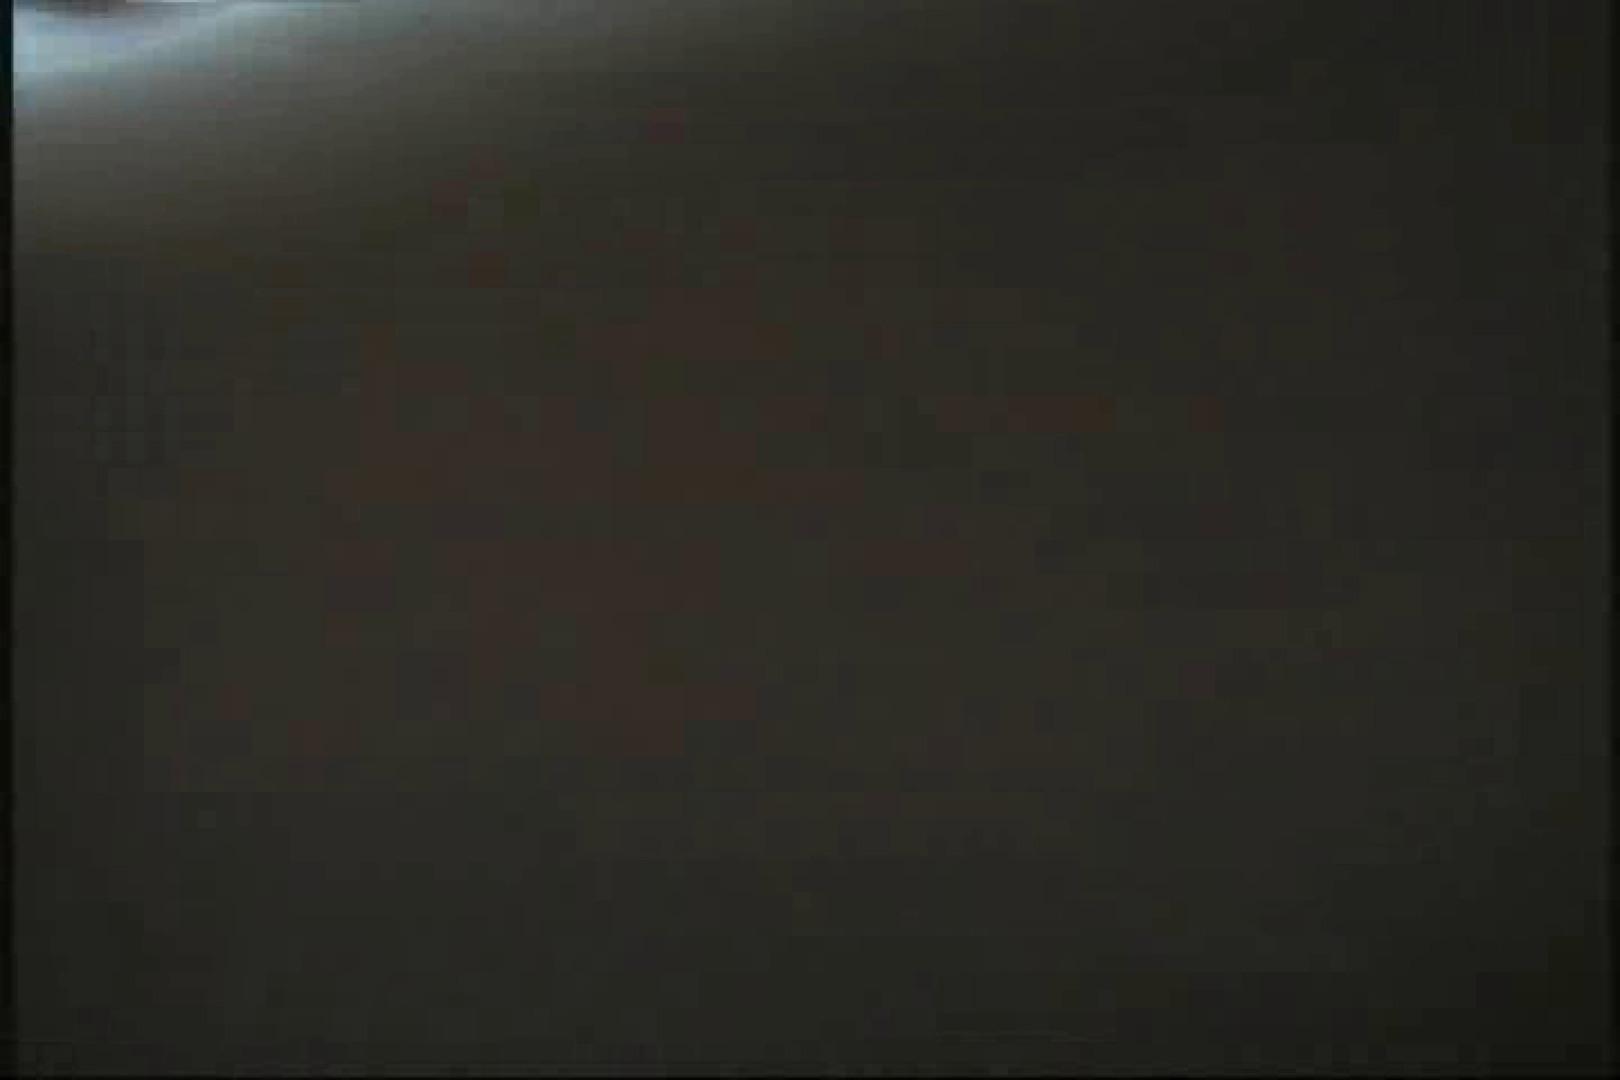 いっくんの調教シリーズ「未亡人みずほ27歳市役所職員」Vol.7 美女OL AV動画キャプチャ 80連発 17